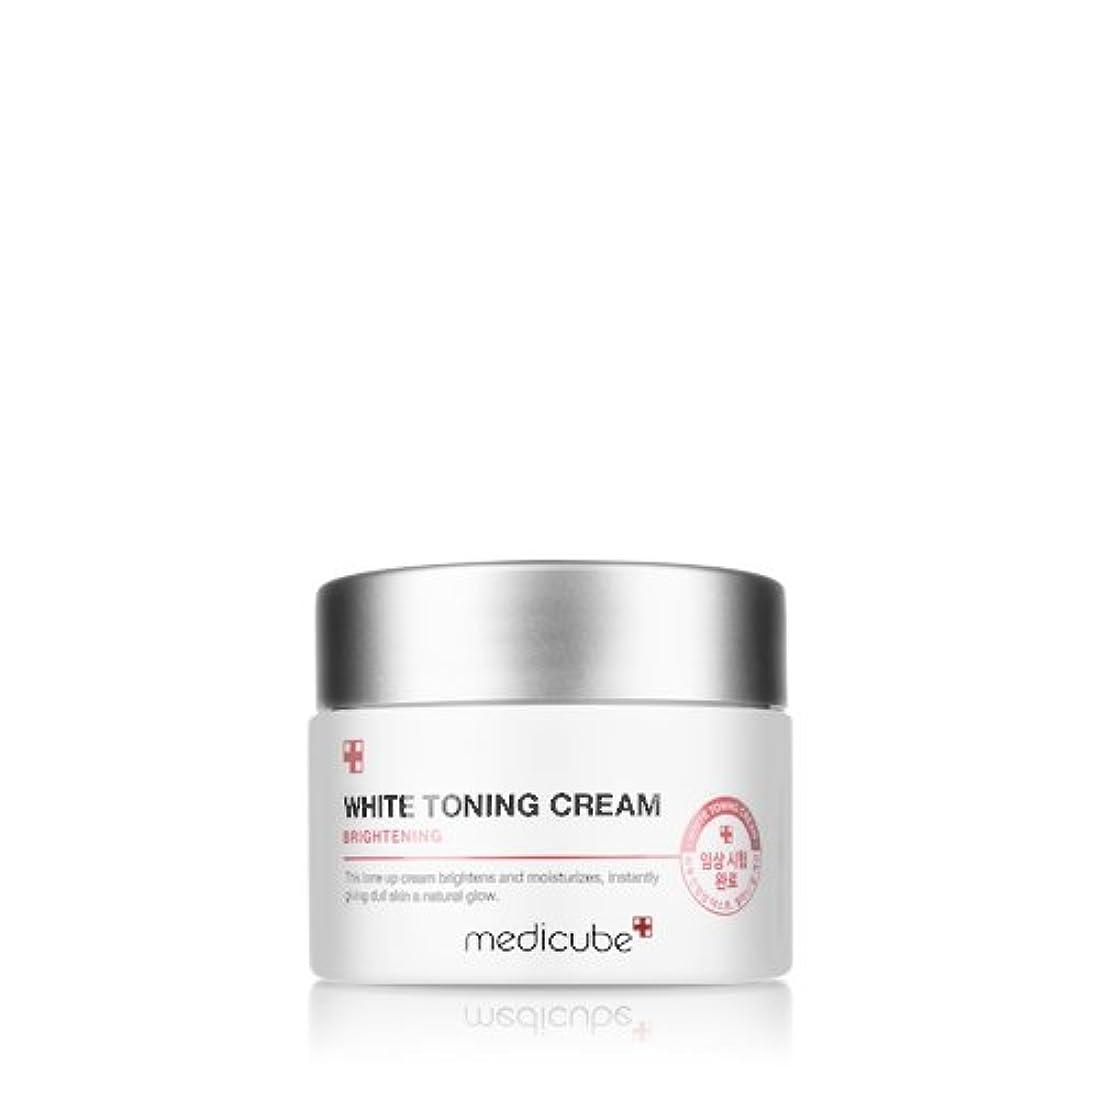 雄弁家小包学部長[Medicube] WHITE TONING CREAM / メディキューブ ホワイトトーニングクリーム / 正品?海外直送商品